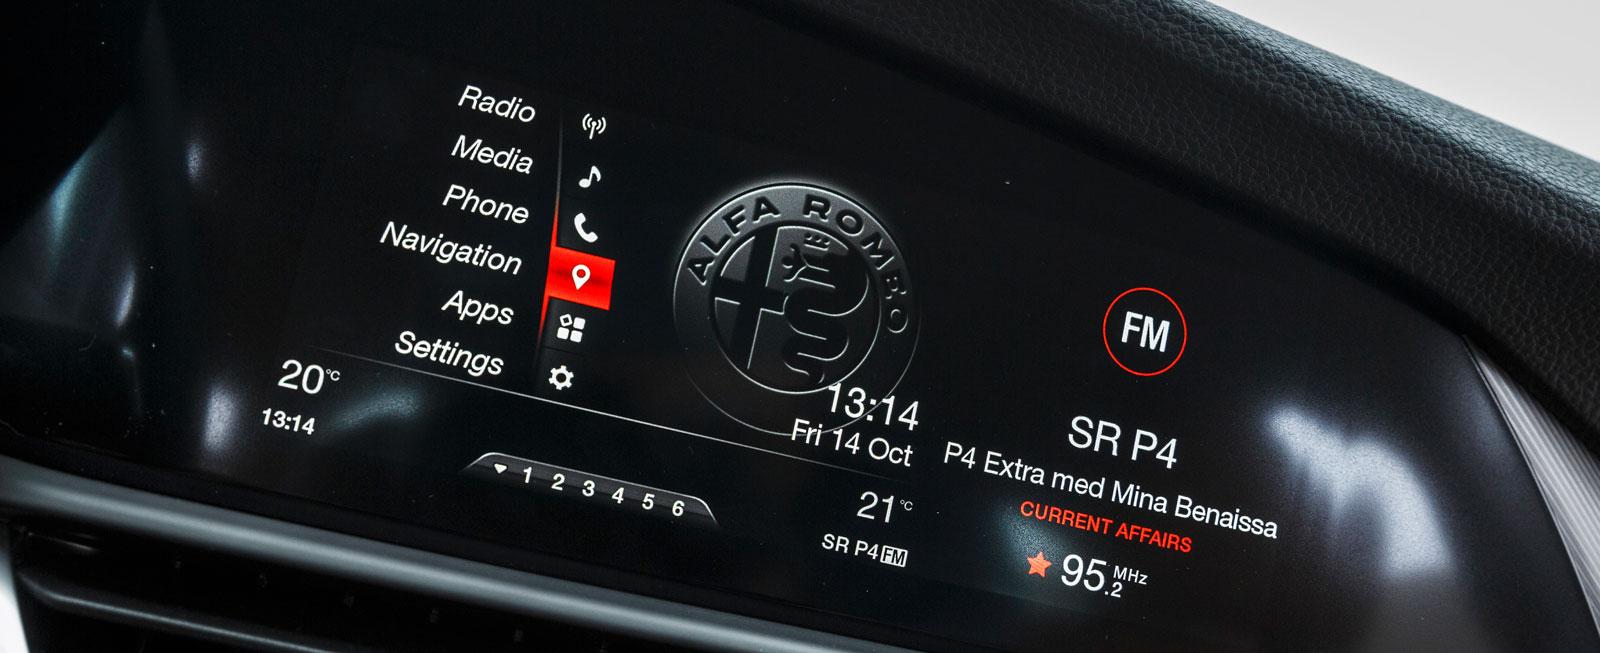 Alfa Romeos system är uppbyggt ungefär som BMW:s men skärmen är elegant integrerad i panelen. Mycket lättskött, inte lika många funktioner som i BMW dock.